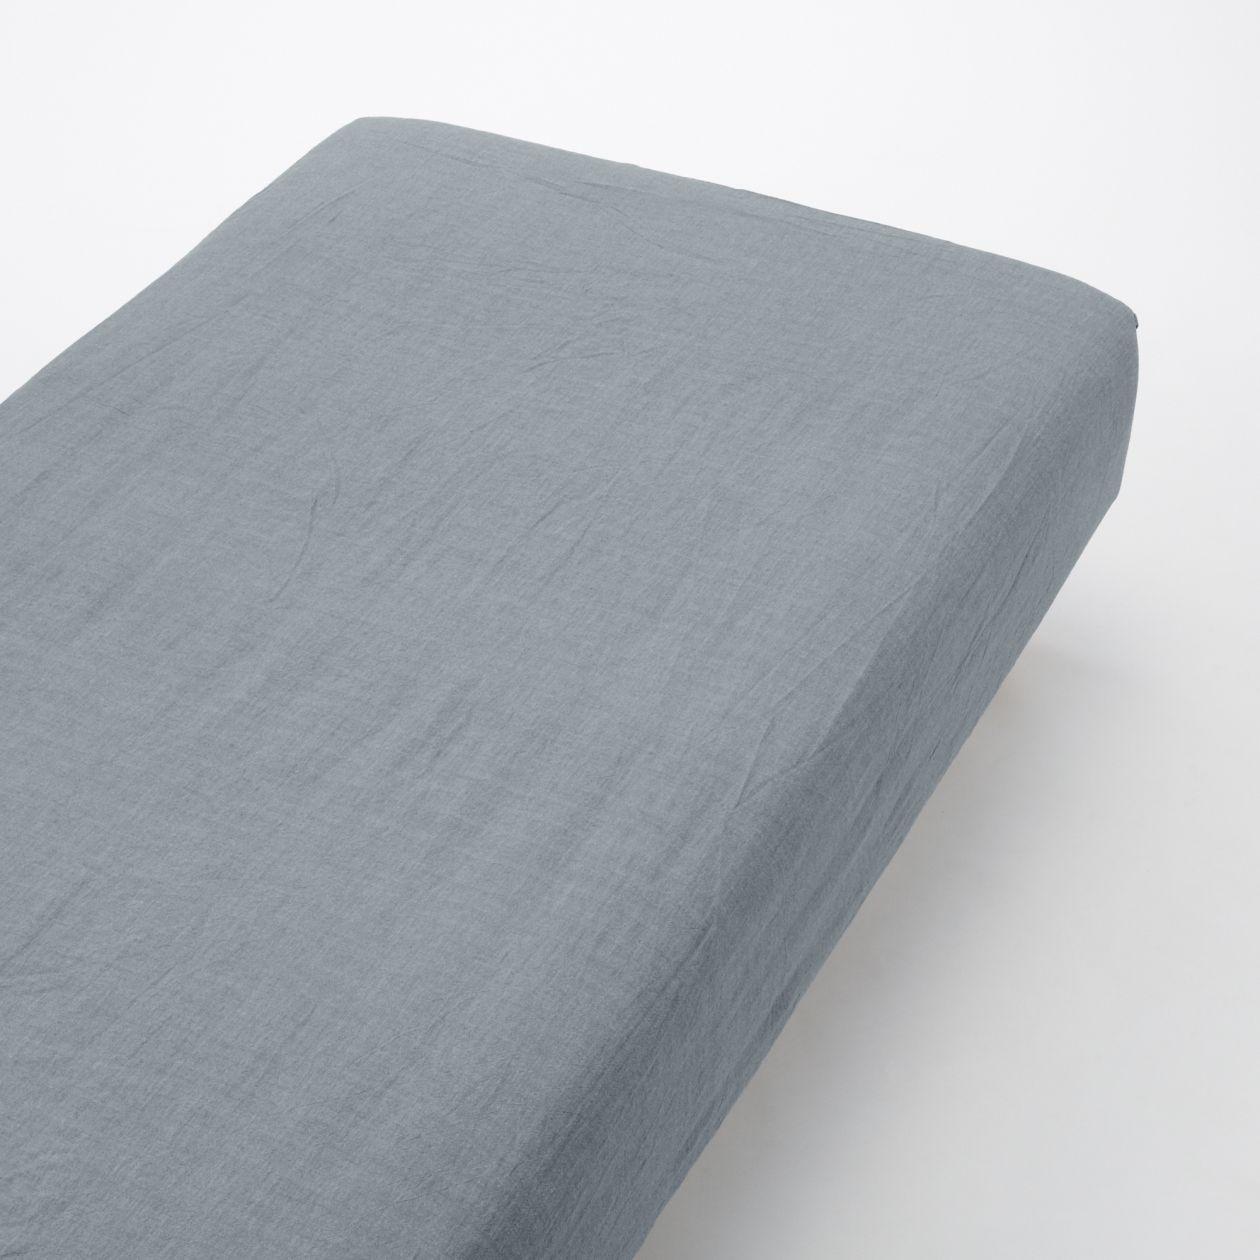 綿洗いざらしボックスシーツ・Q/ネイビー